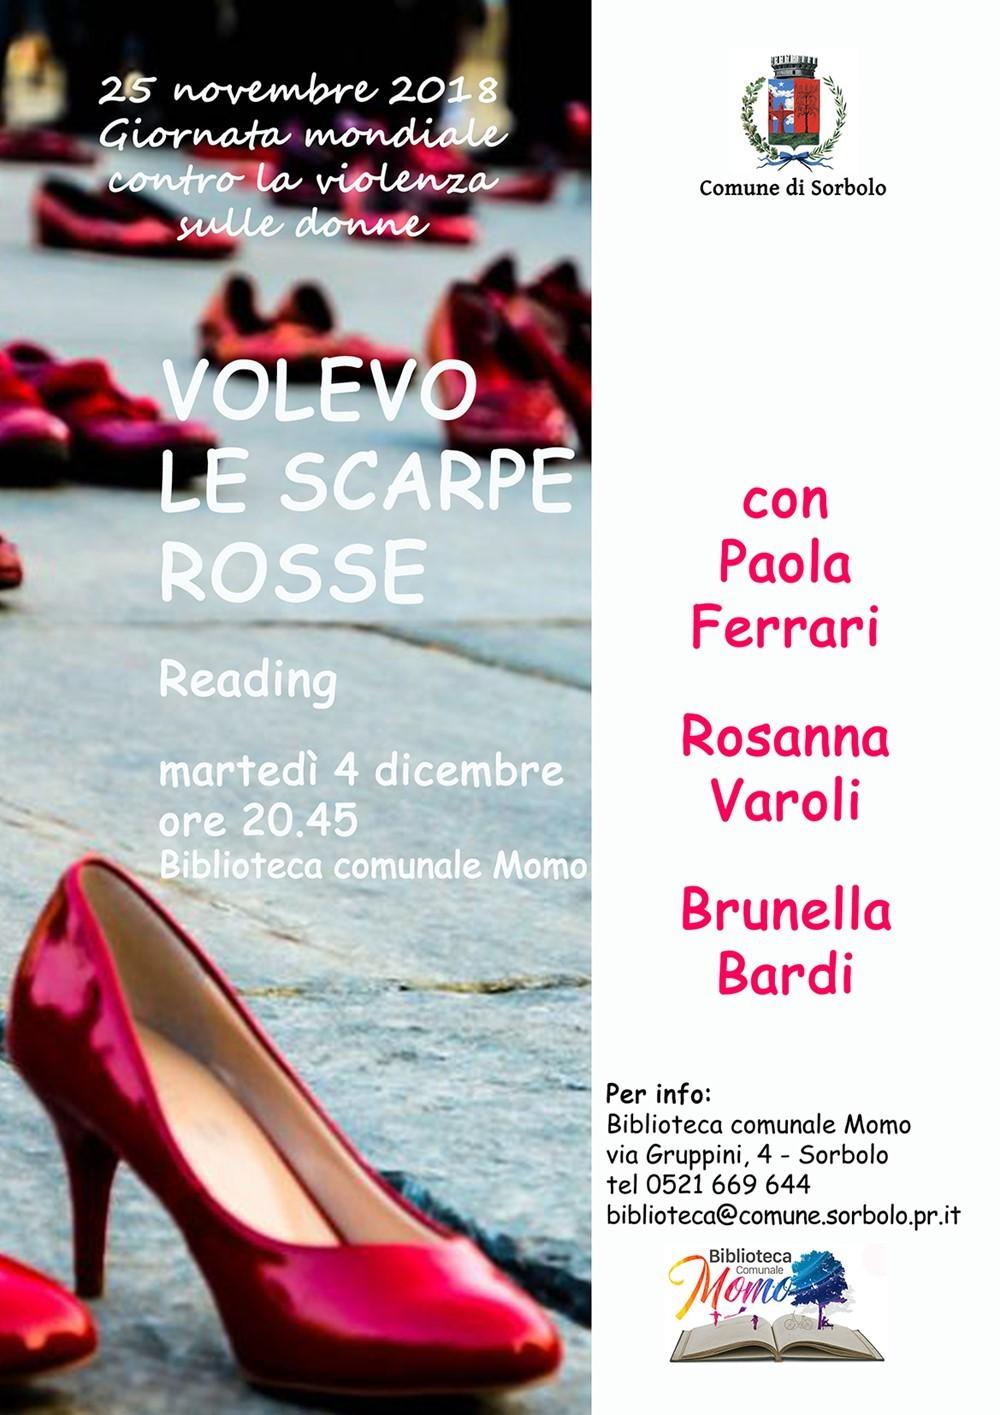 Volevo le scarpe rosse  Il 4 dicembre il reading musicale al Centro Civico di Sorbolo